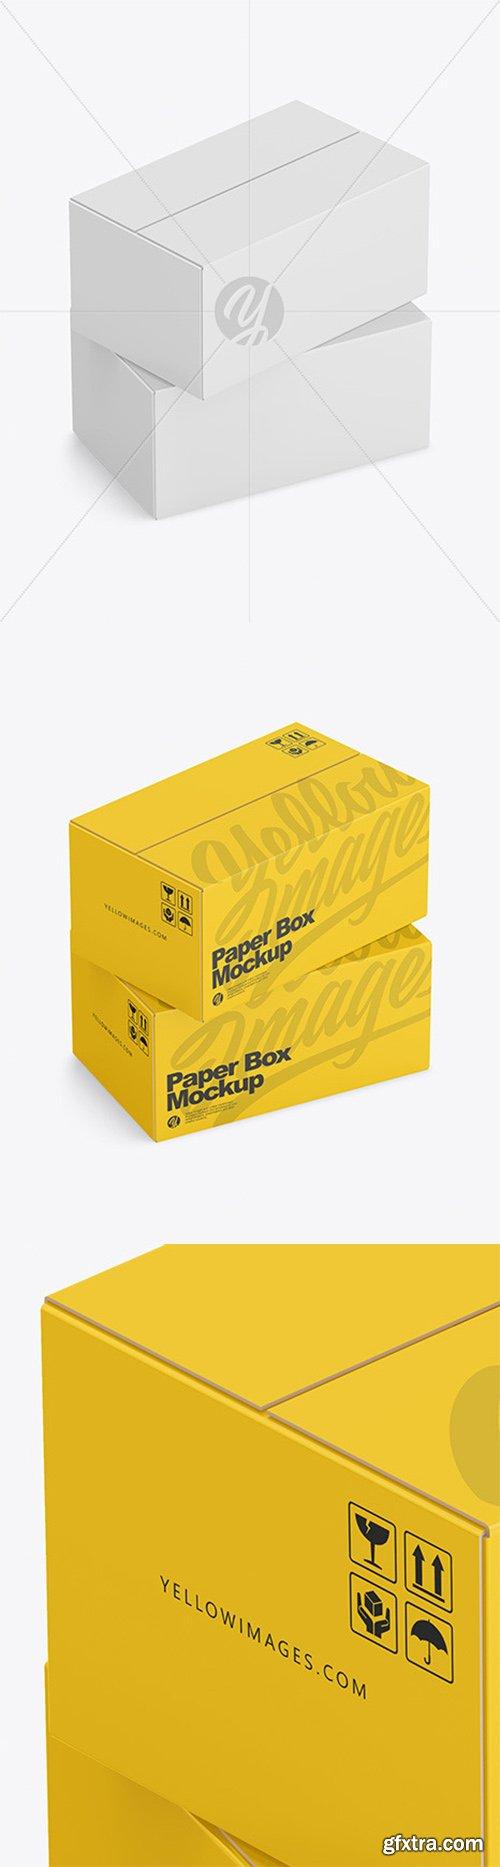 Packaging Mockup Box